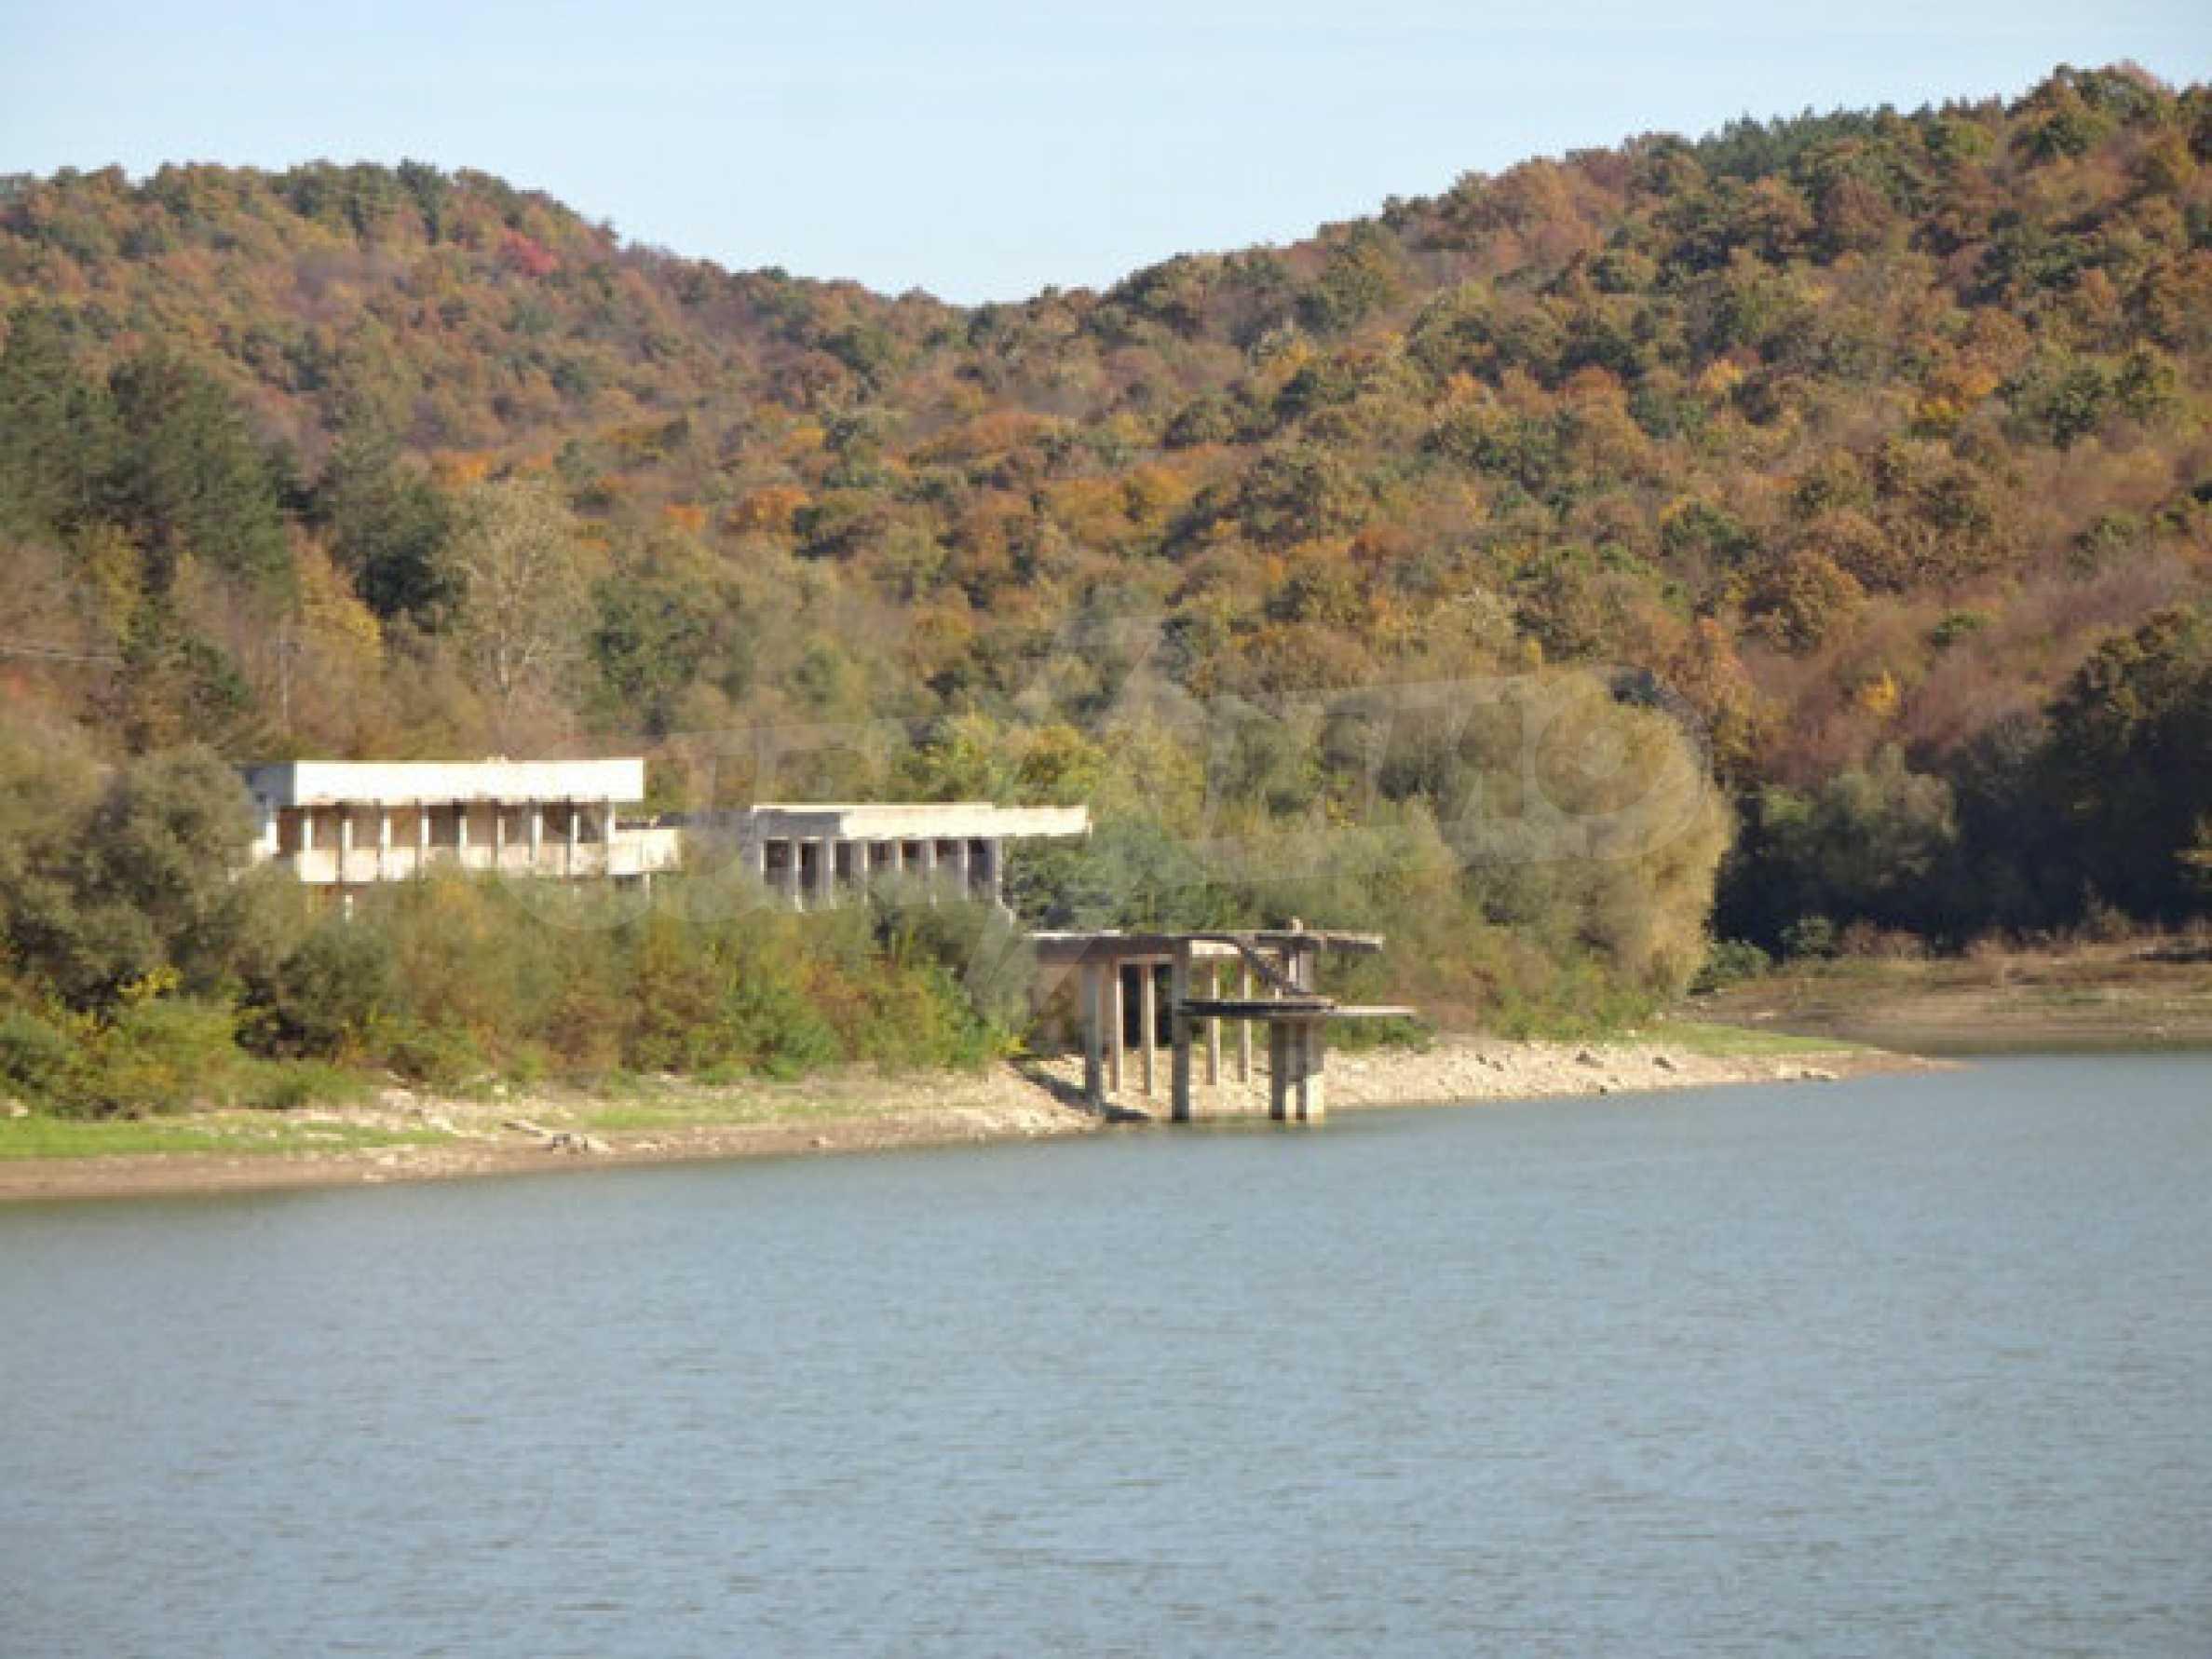 Massives Gebäude am Ufer eines Dammes 24